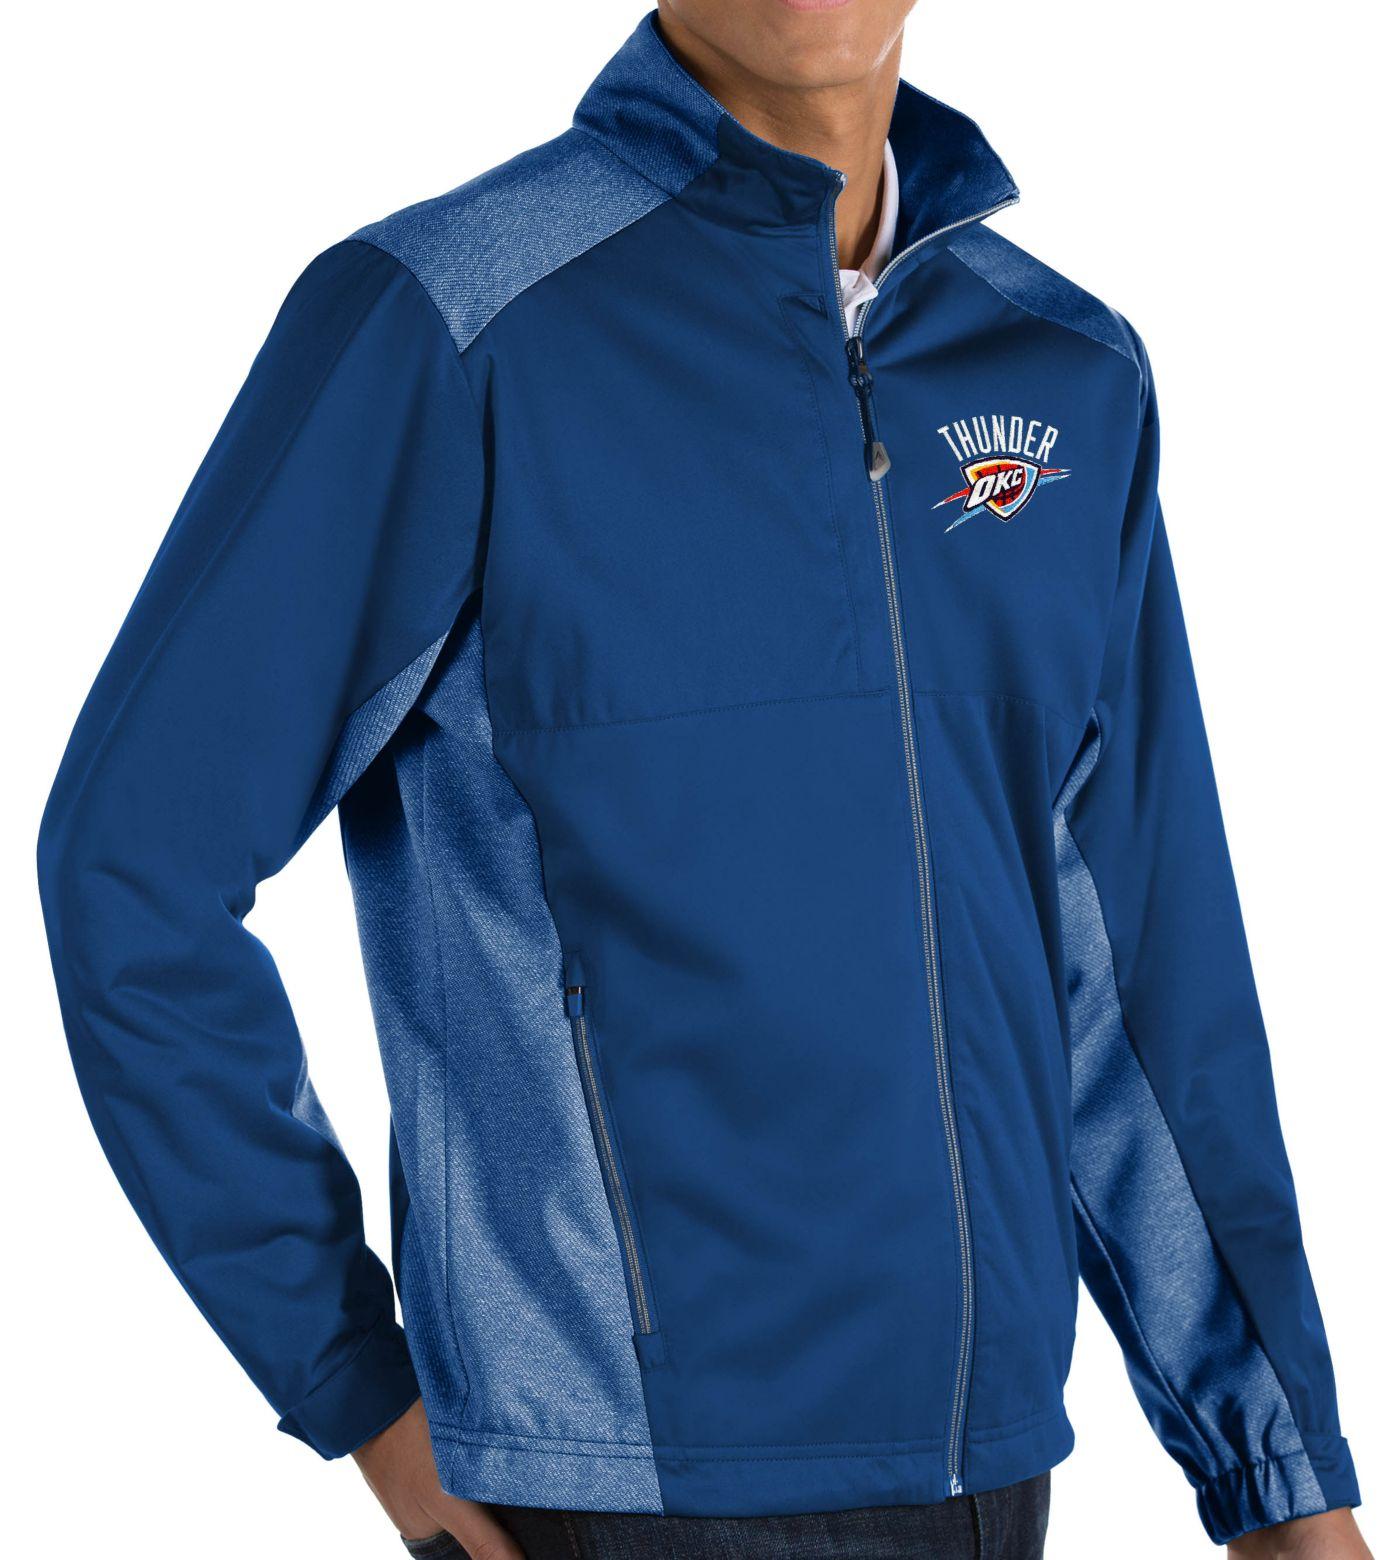 Antigua Men's Oklahoma City Thunder Revolve Full-Zip Jacket